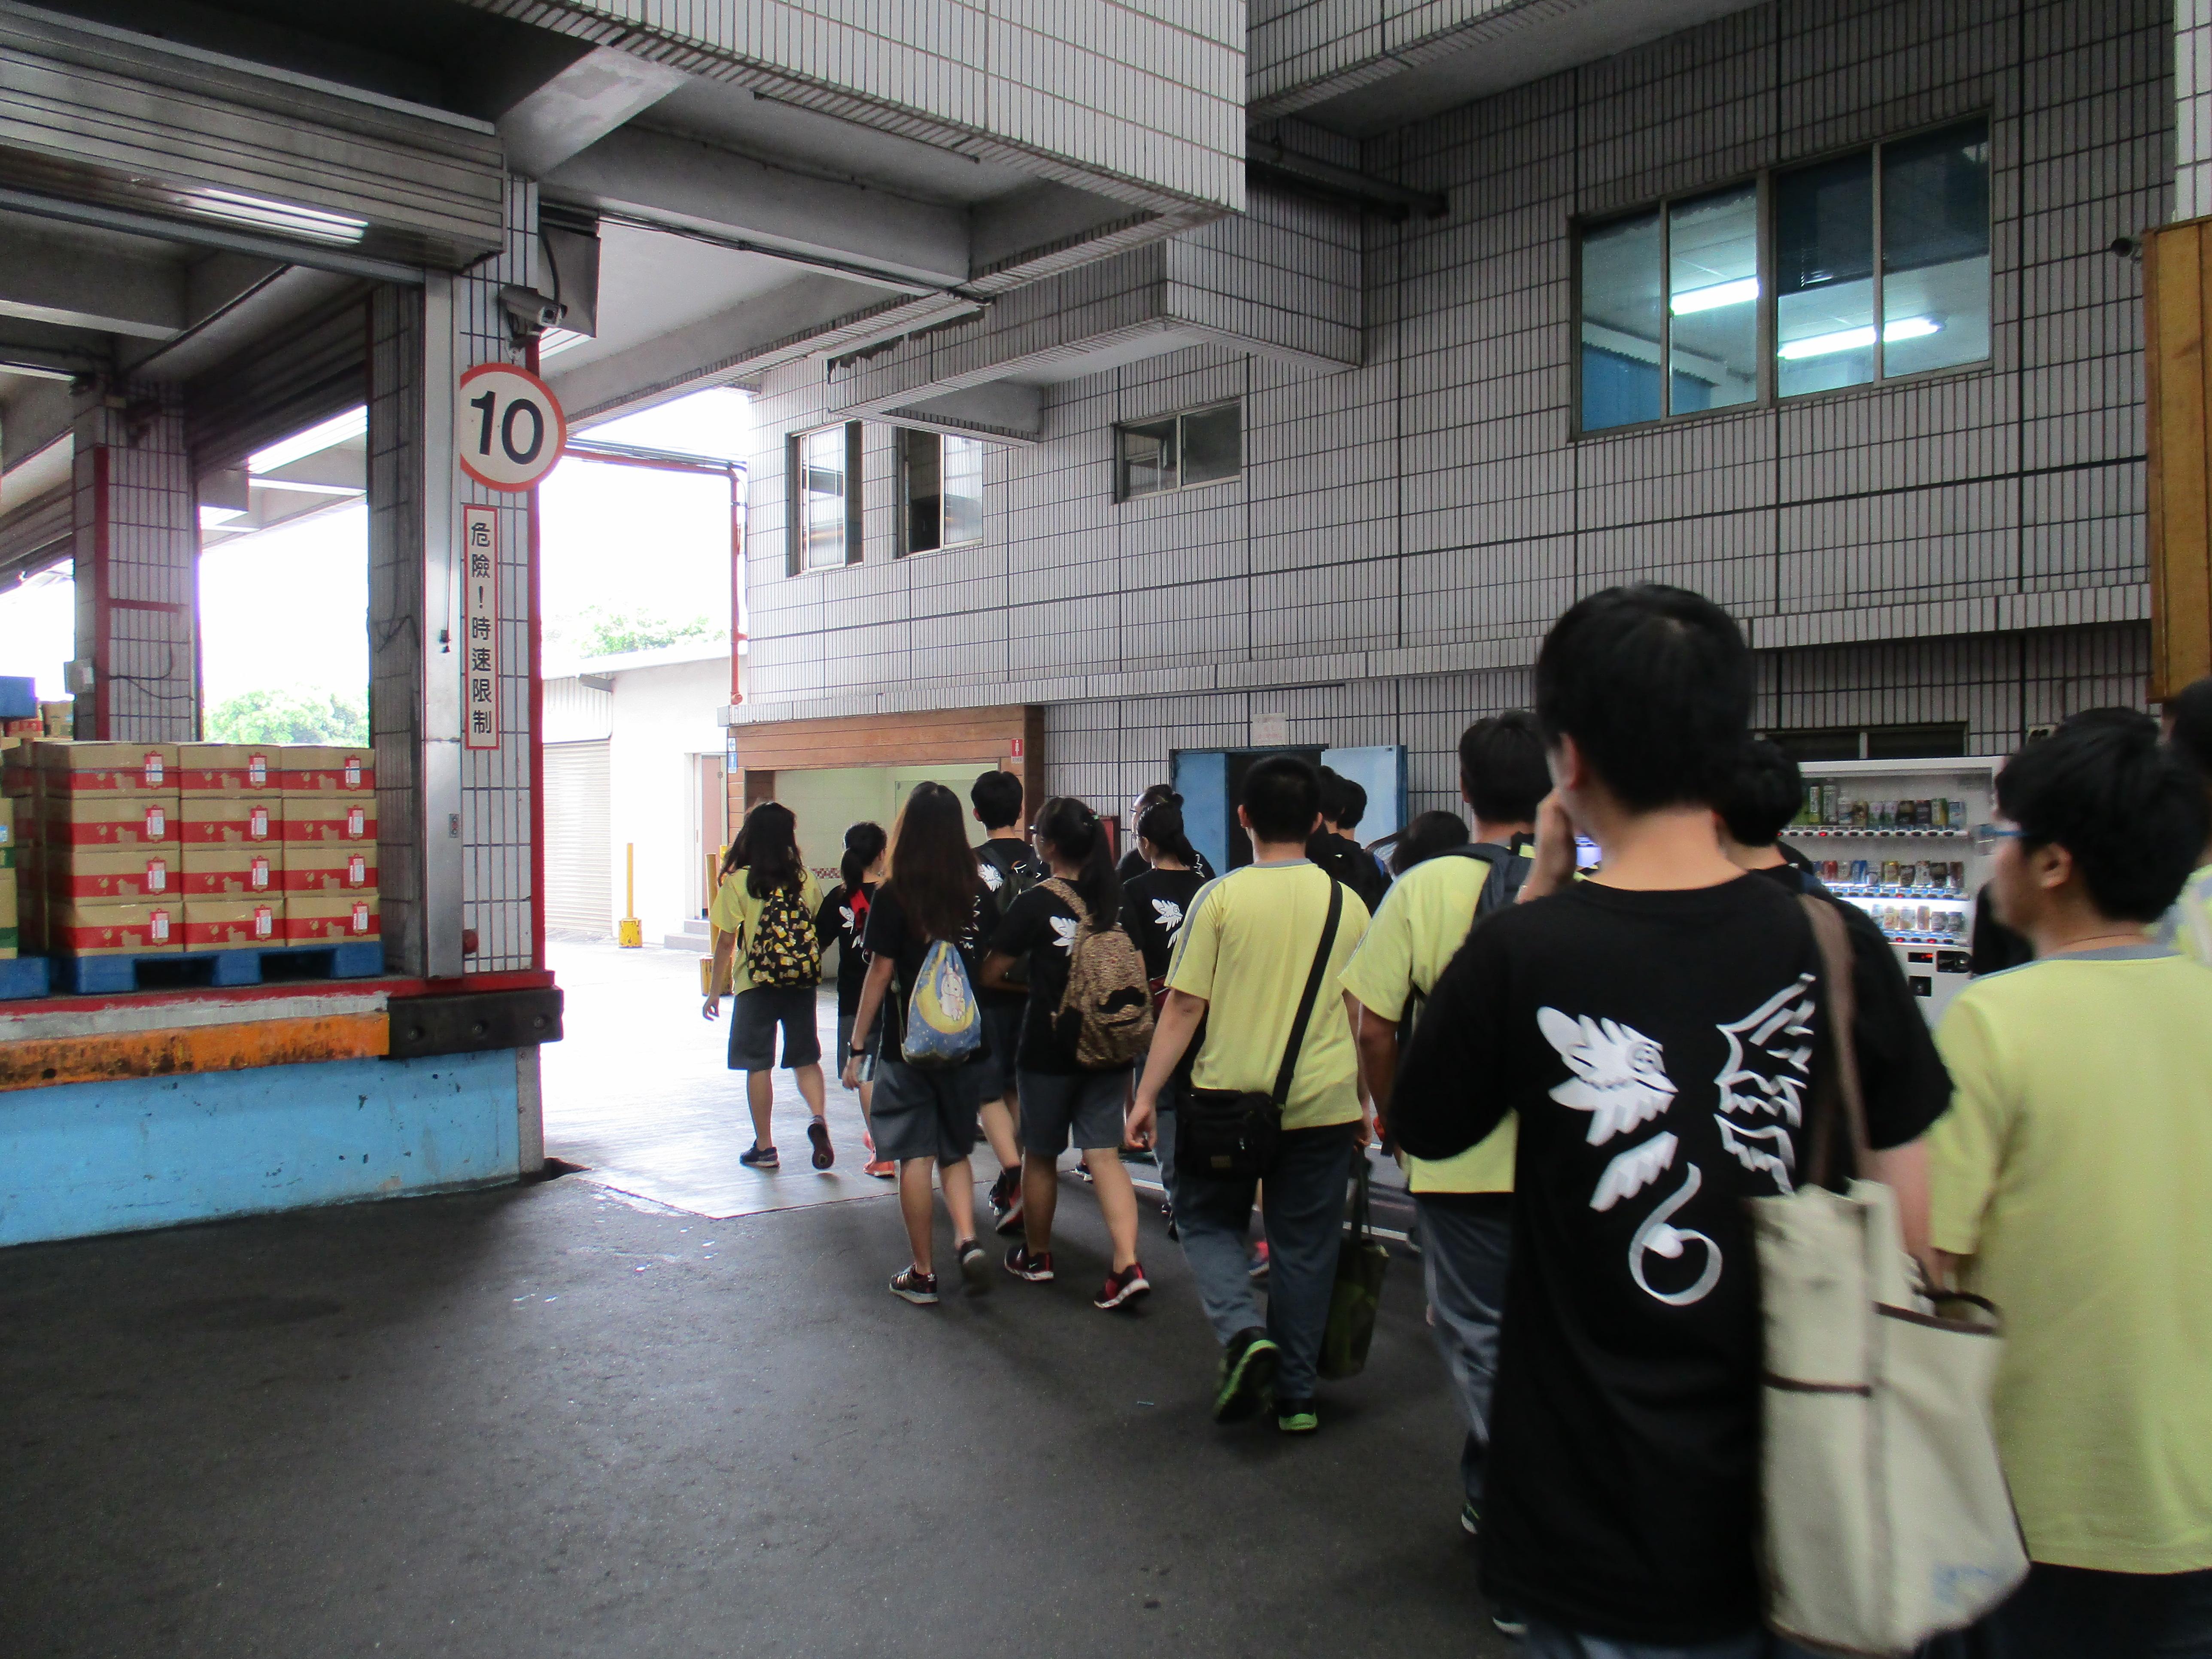 國立清華大學暨濟生化學製藥參訪 | 臺中市立大里高中-高瞻計畫